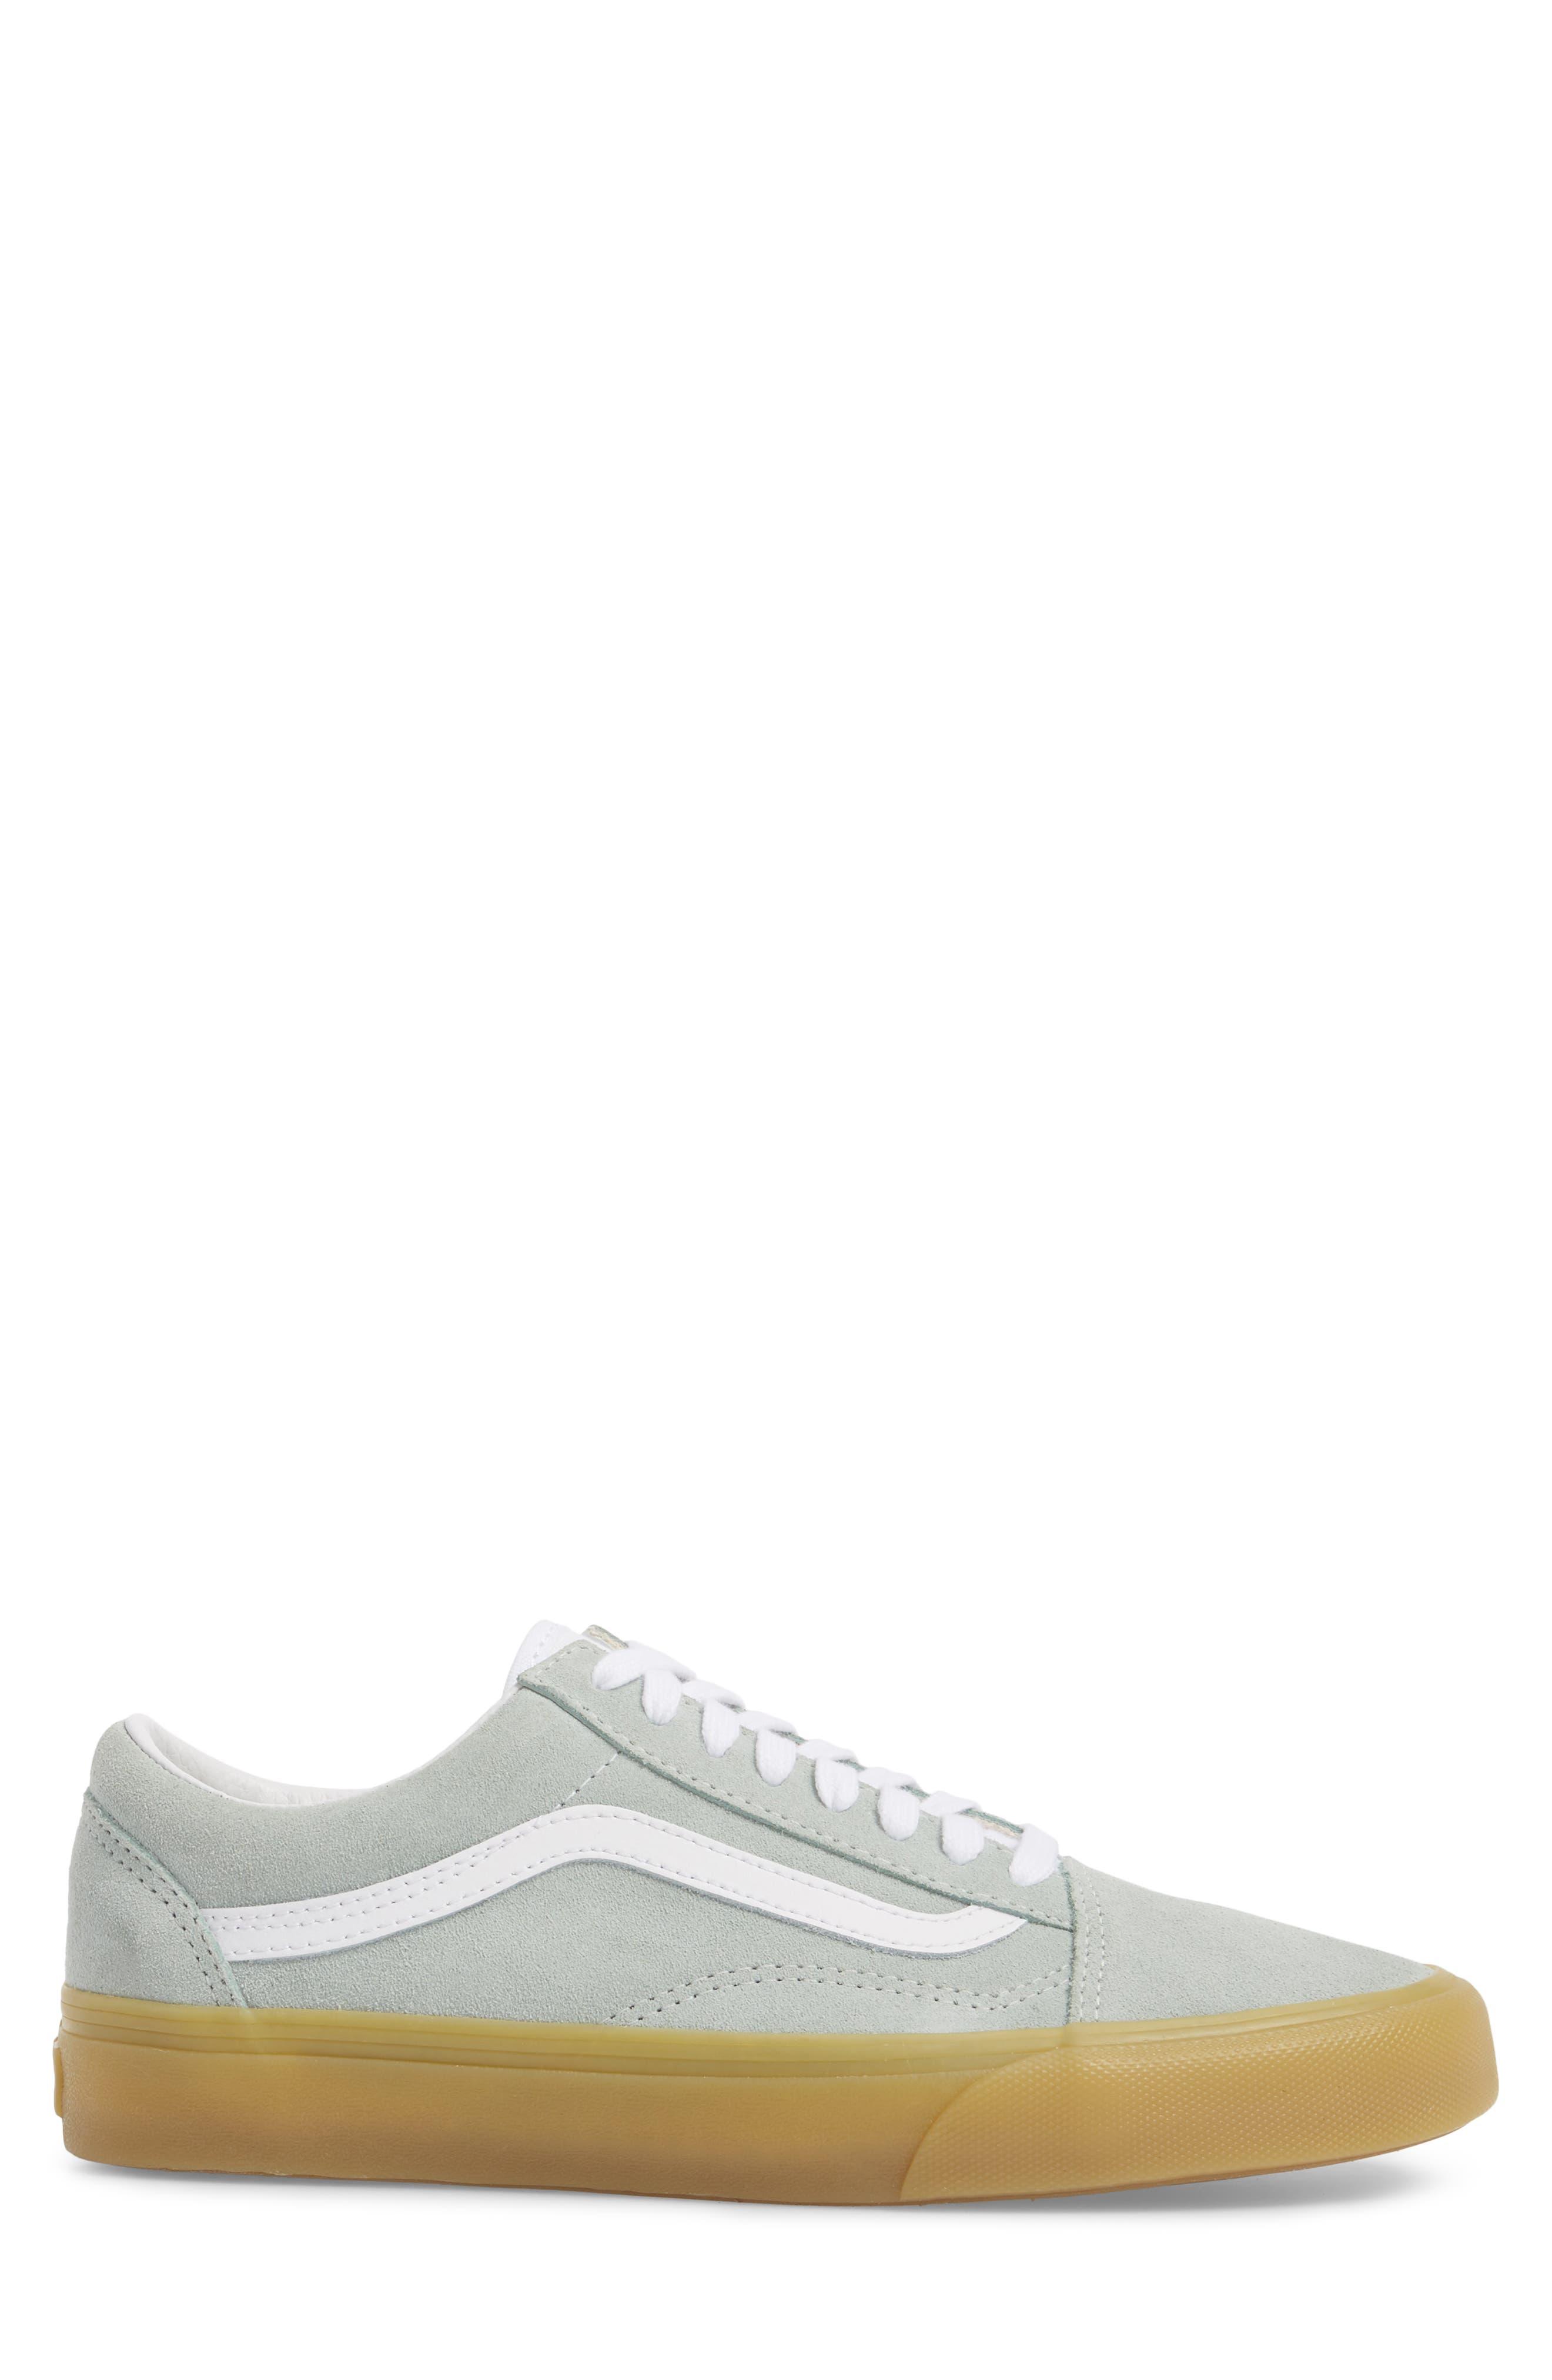 Gum Old Skool Sneaker,                             Alternate thumbnail 3, color,                             Metal Leather